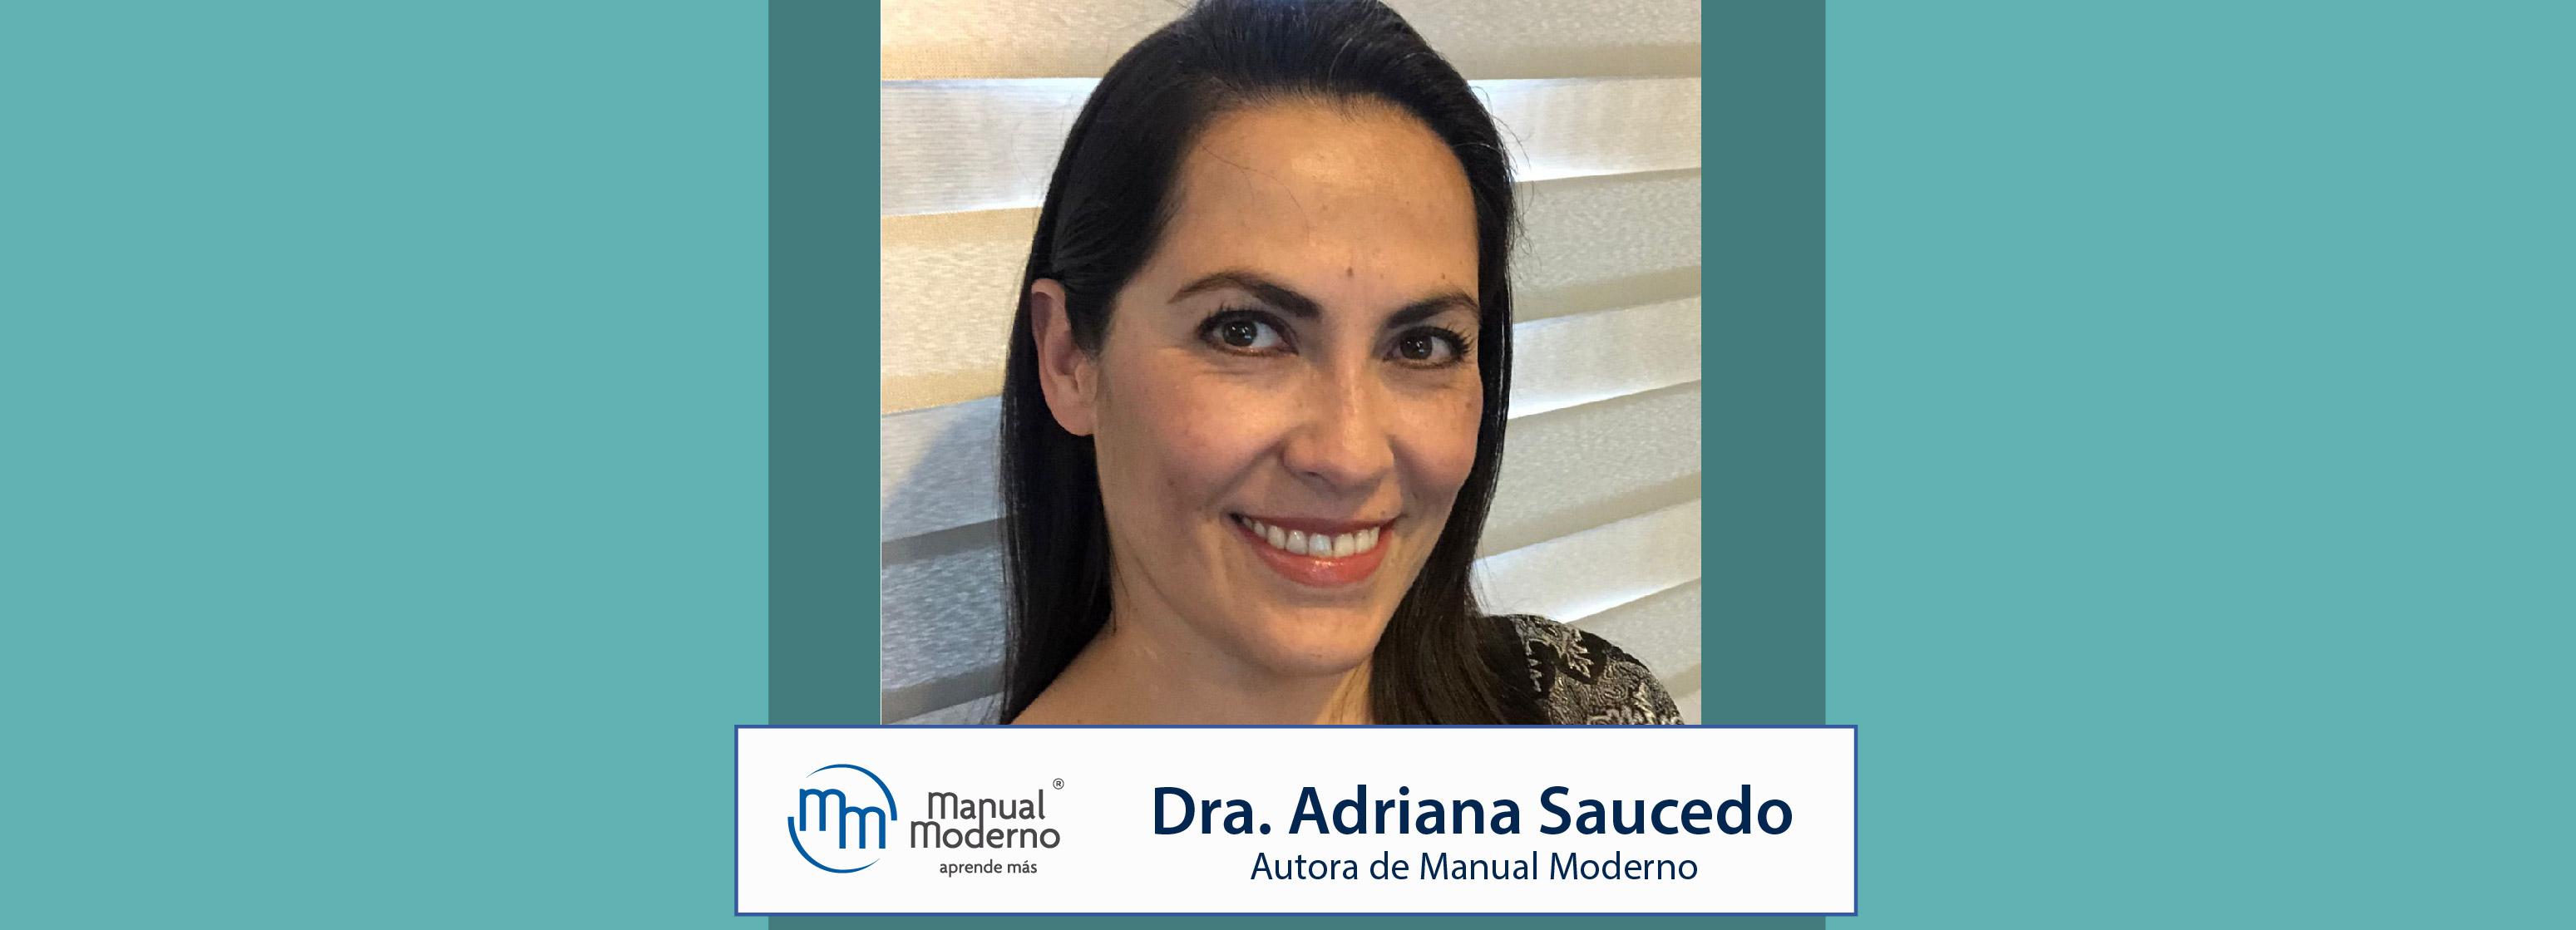 Nuestros Autores. Dra. Adriana Saucedo Castillo